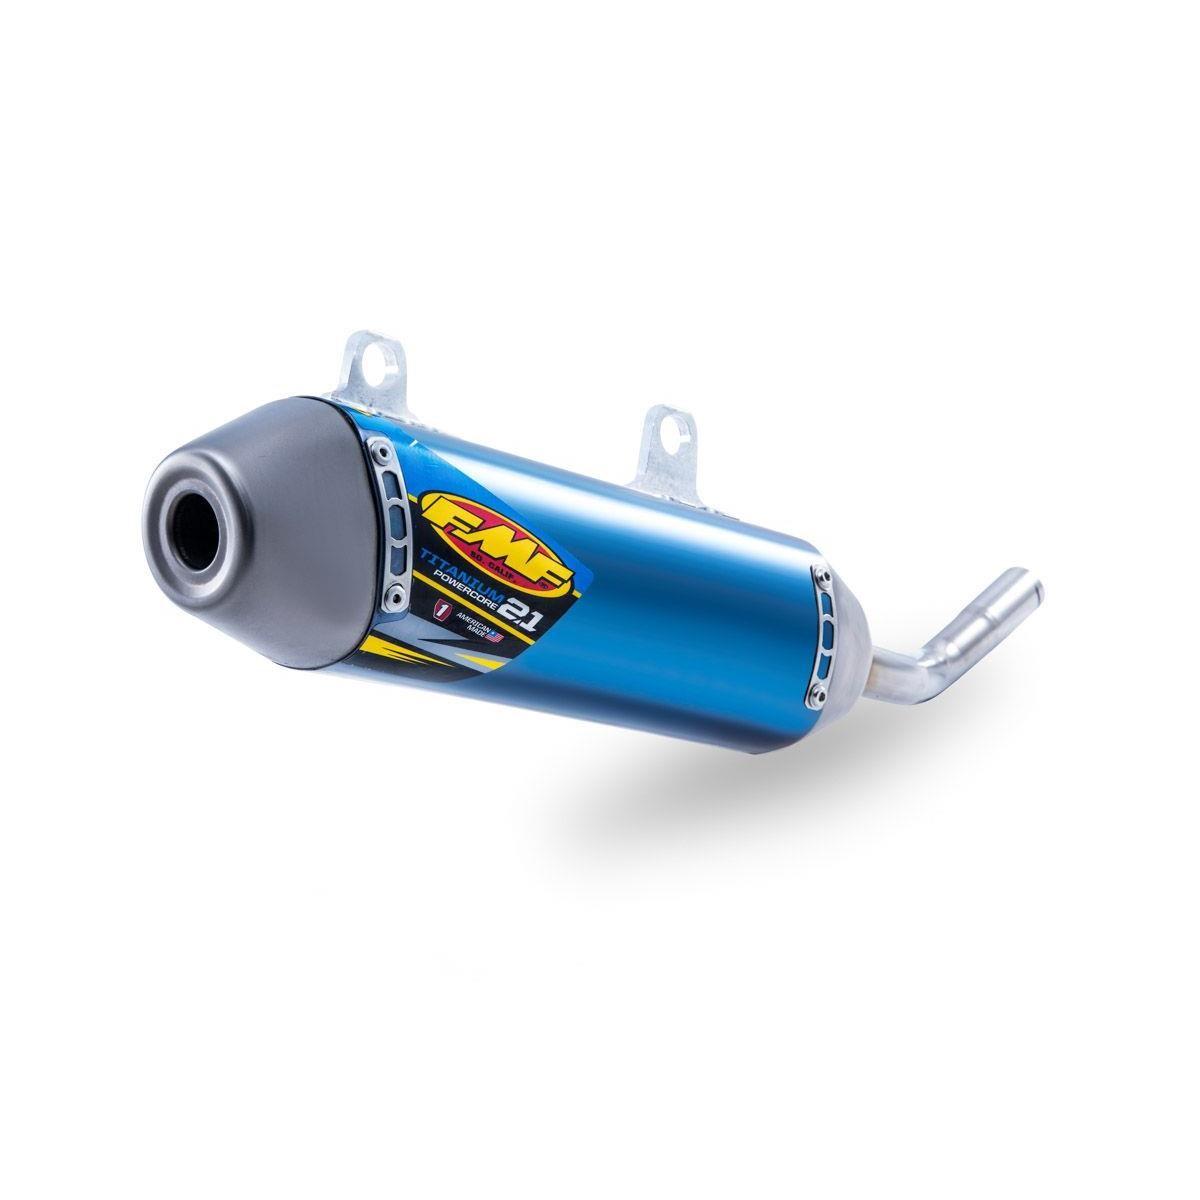 Ktm  Sxf Fmf Power Parts Exhaust